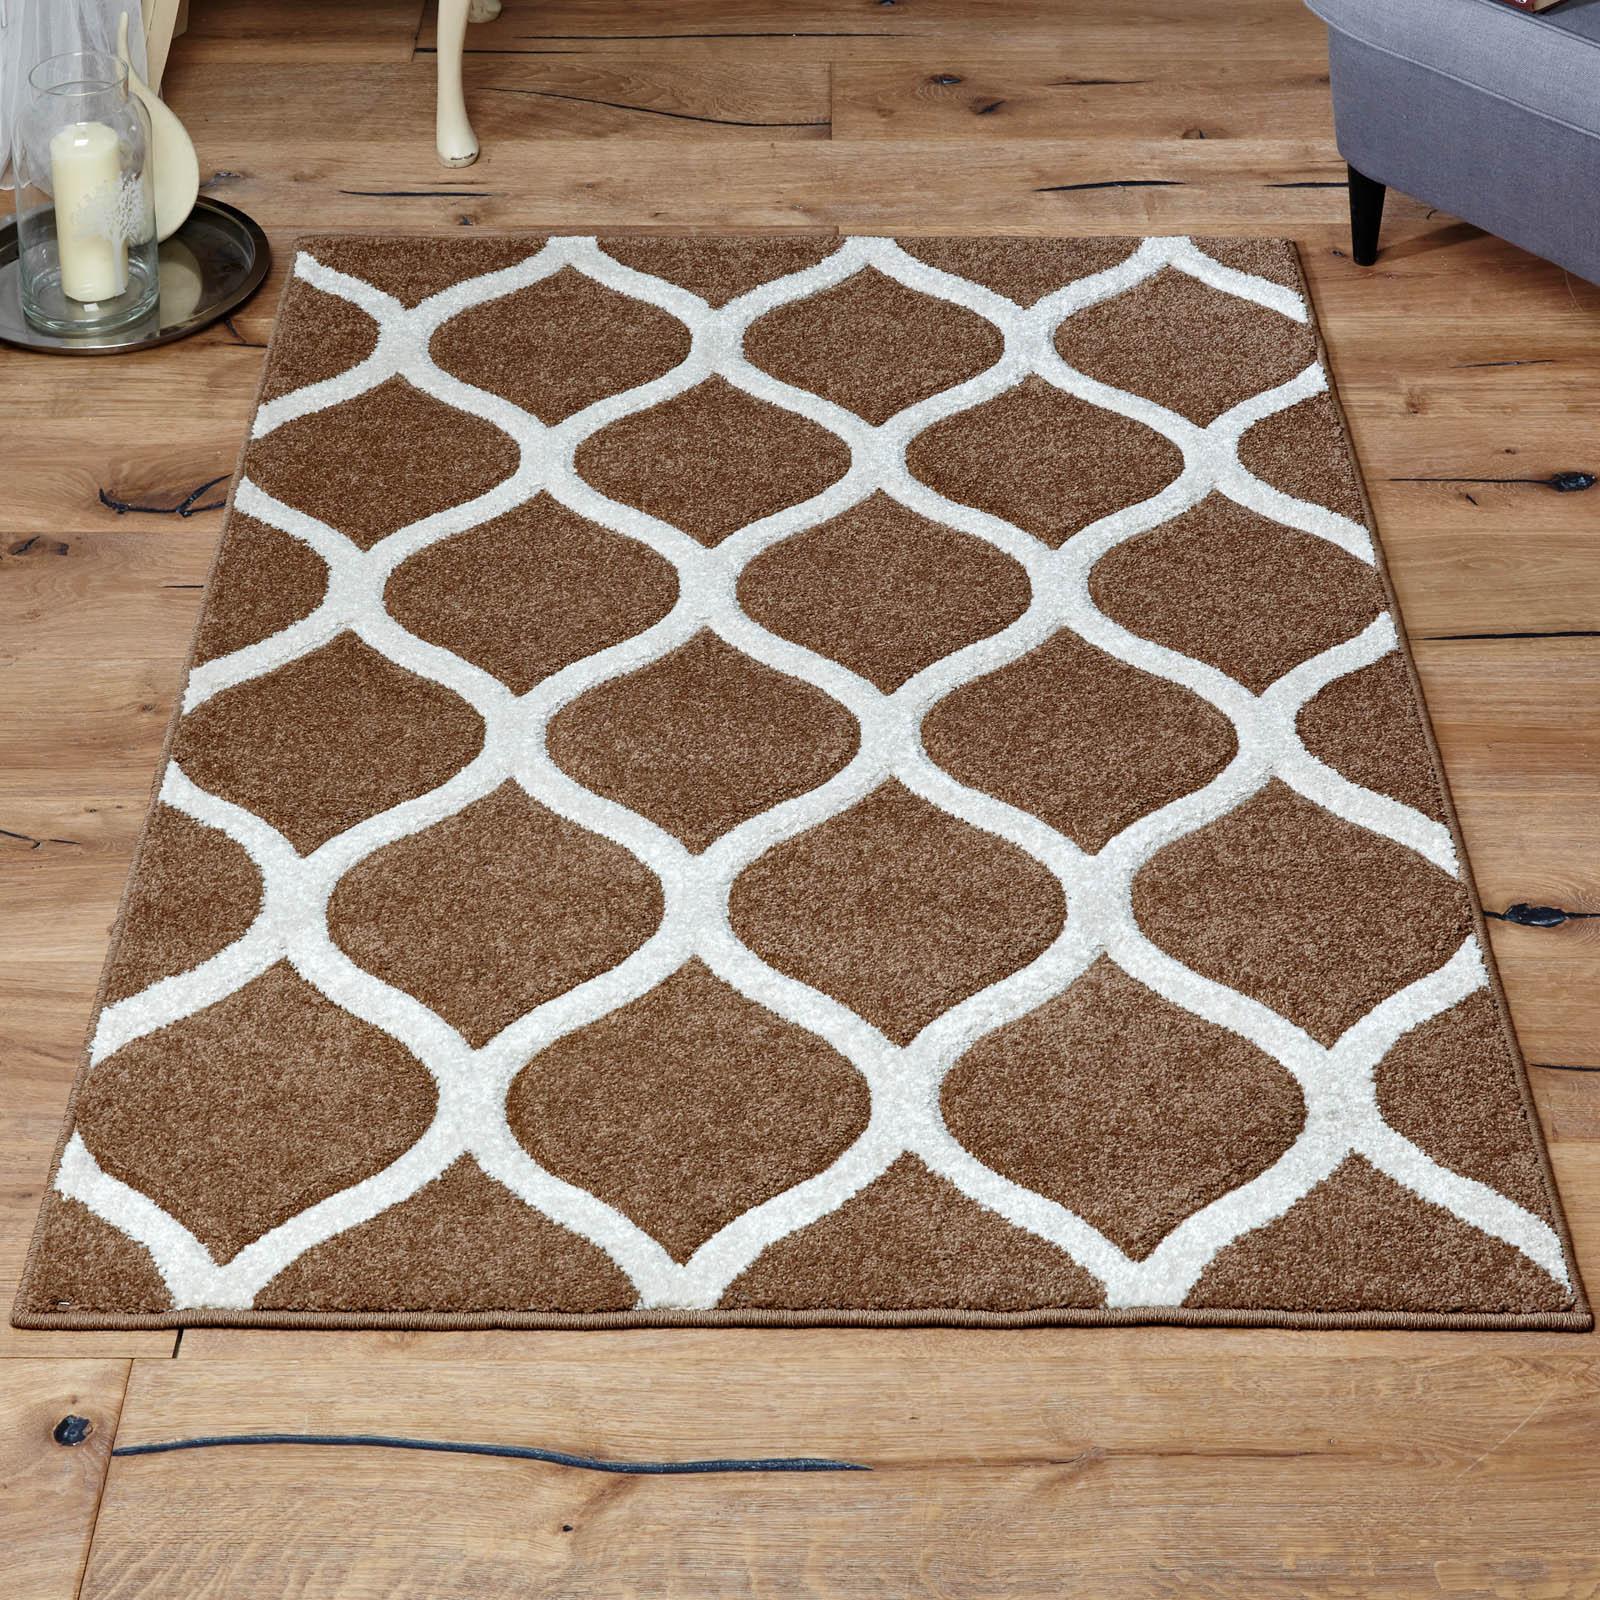 Viva Rug for student bedroom rugs